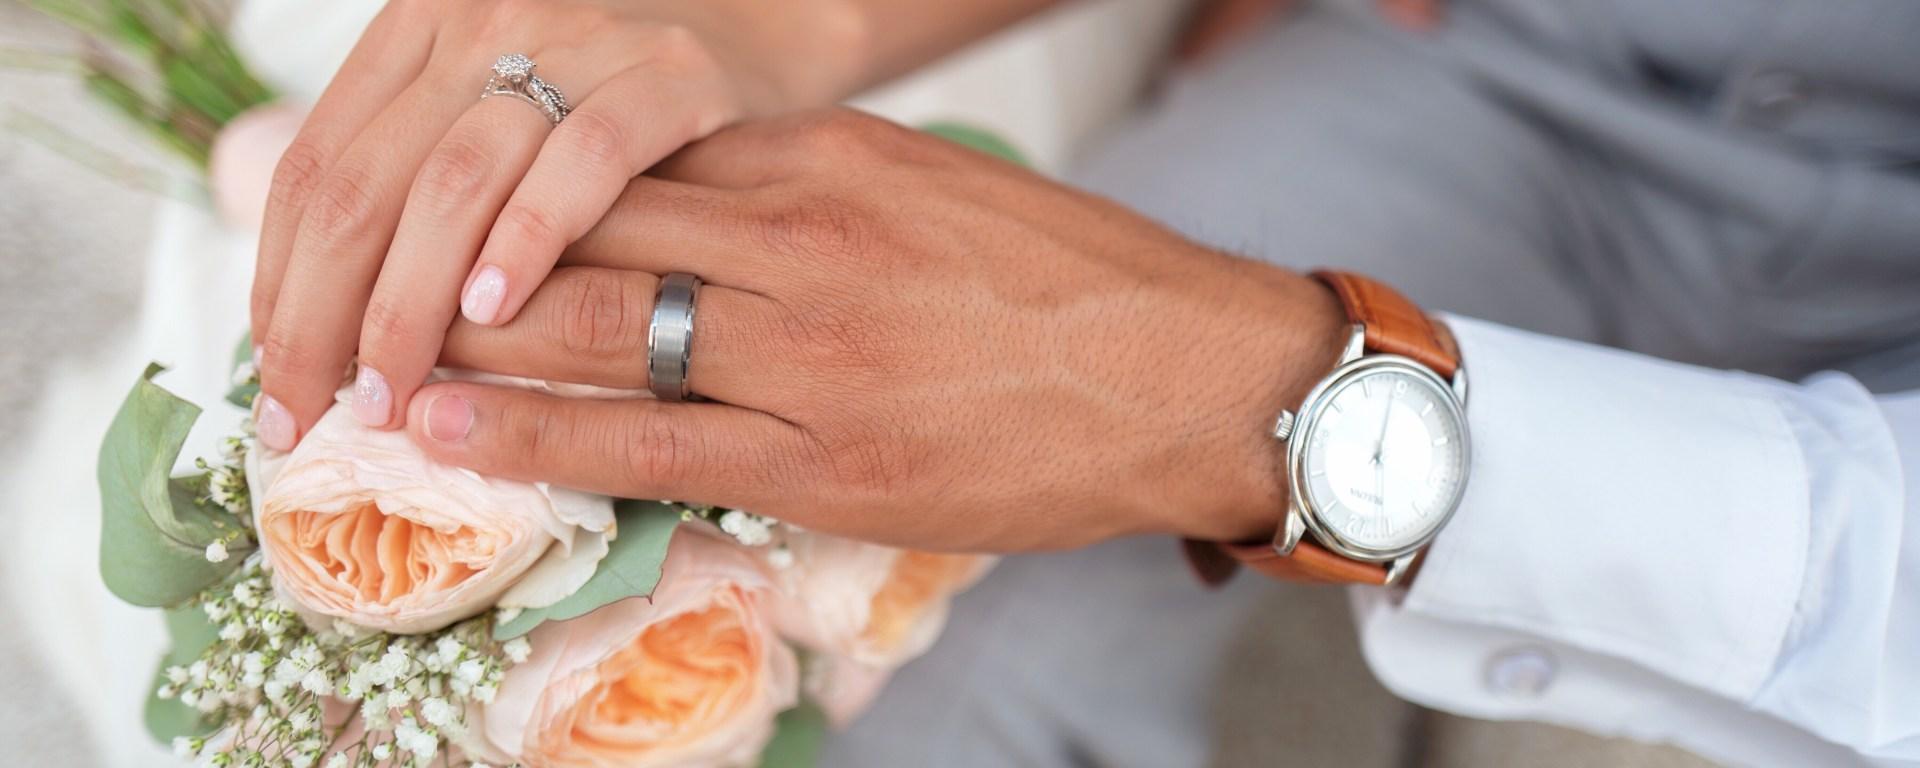 faa28f5da Casamento no Canadá - costumes e tradições - Embarque com a Pri